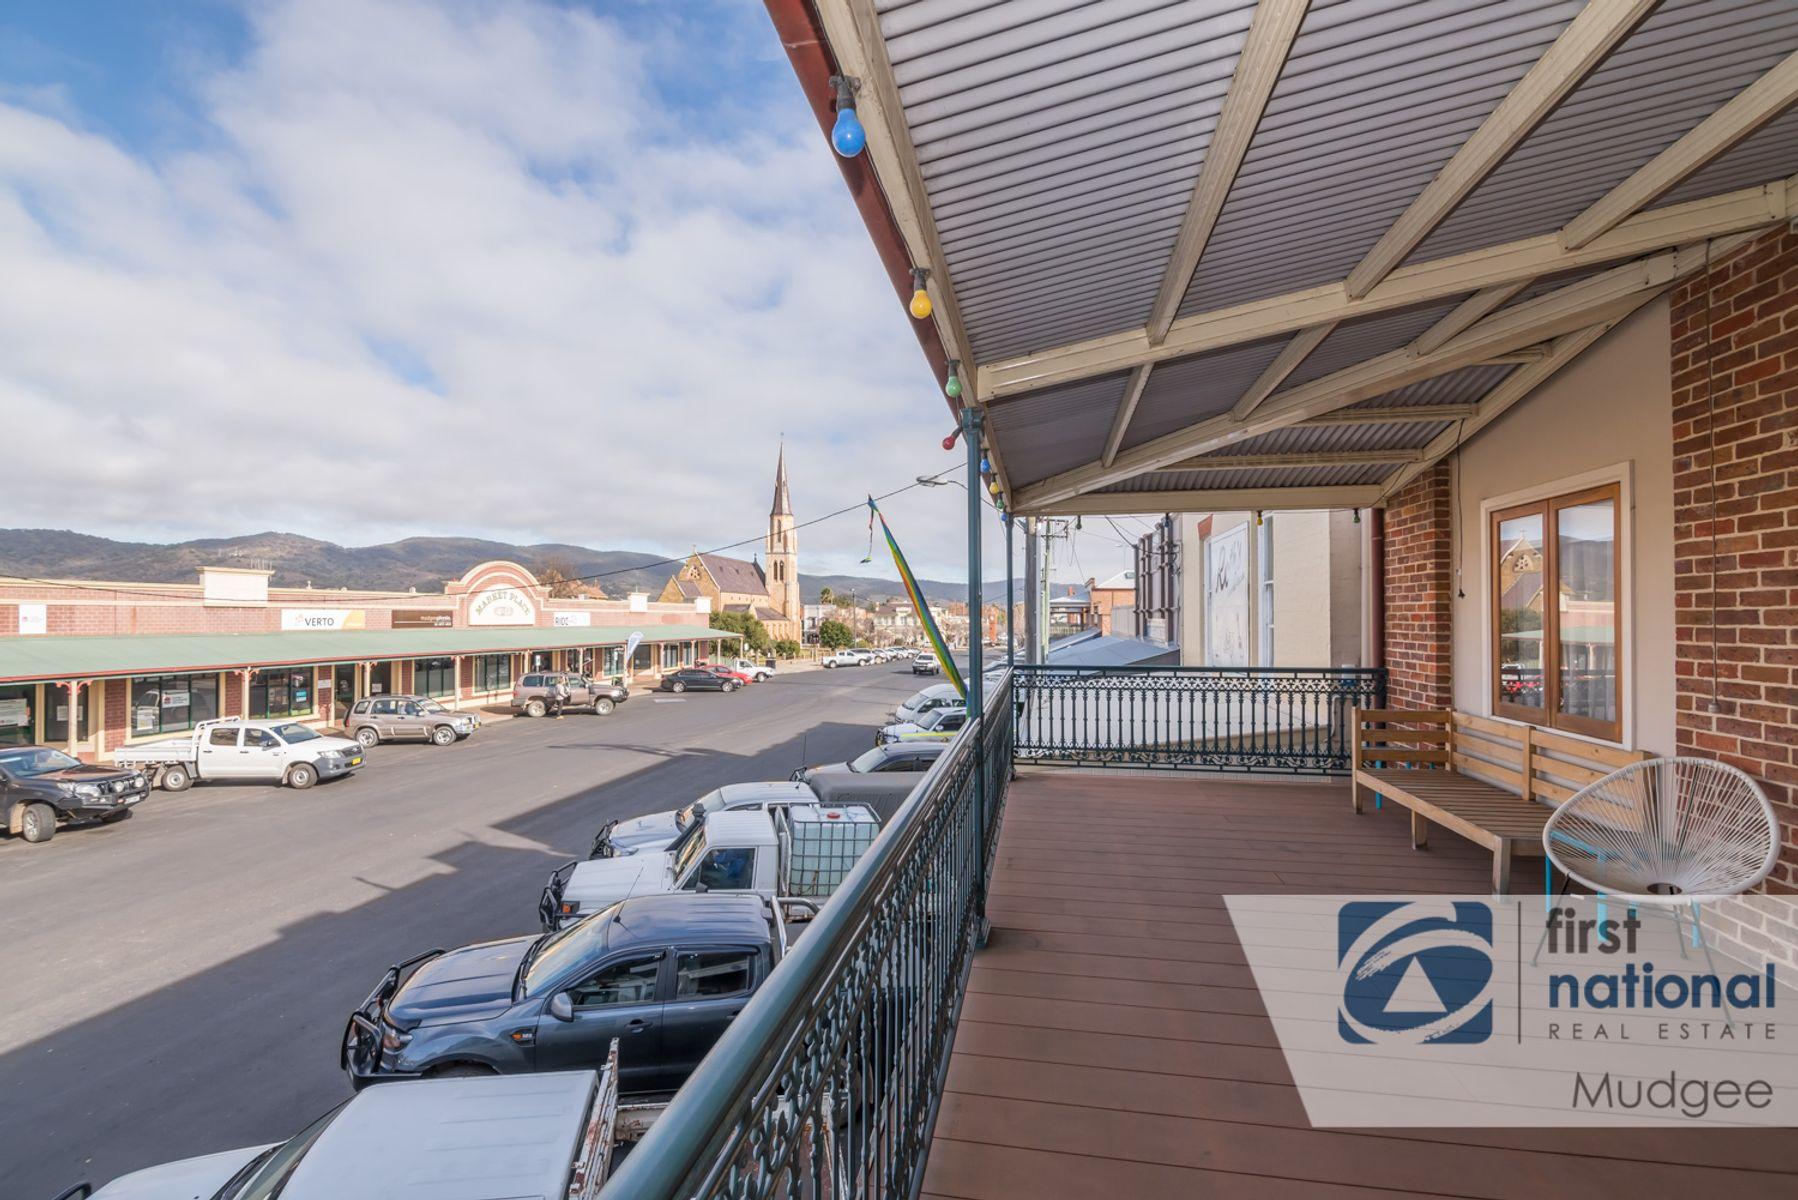 1/28 Market Street, Mudgee, NSW 2850